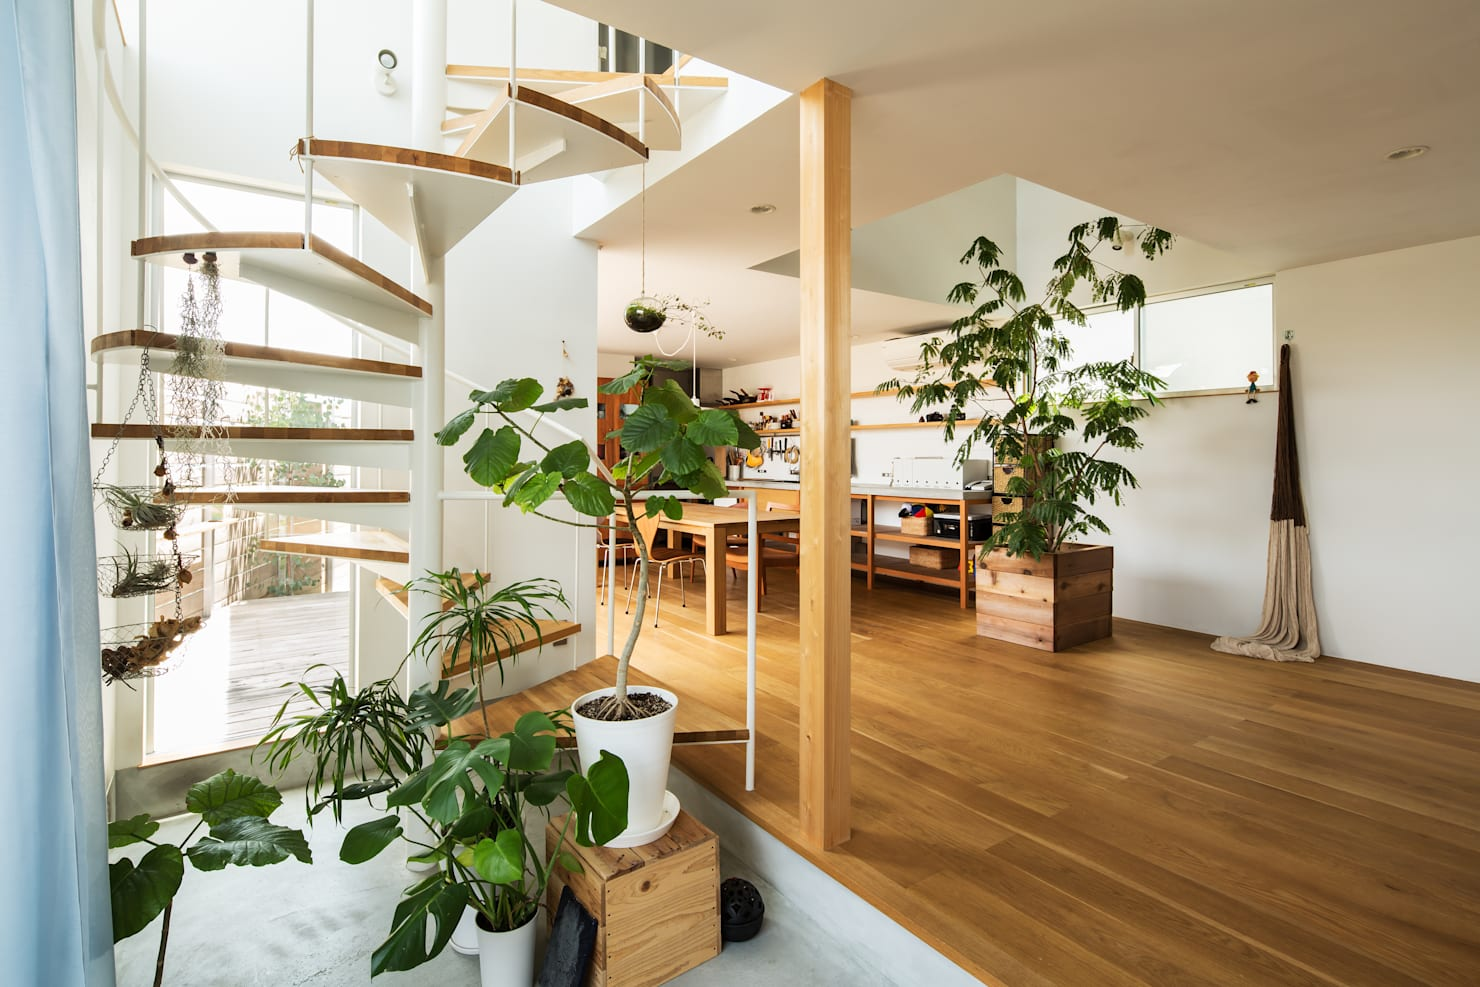 집에서 키우기 좋은 최고의 식물 7